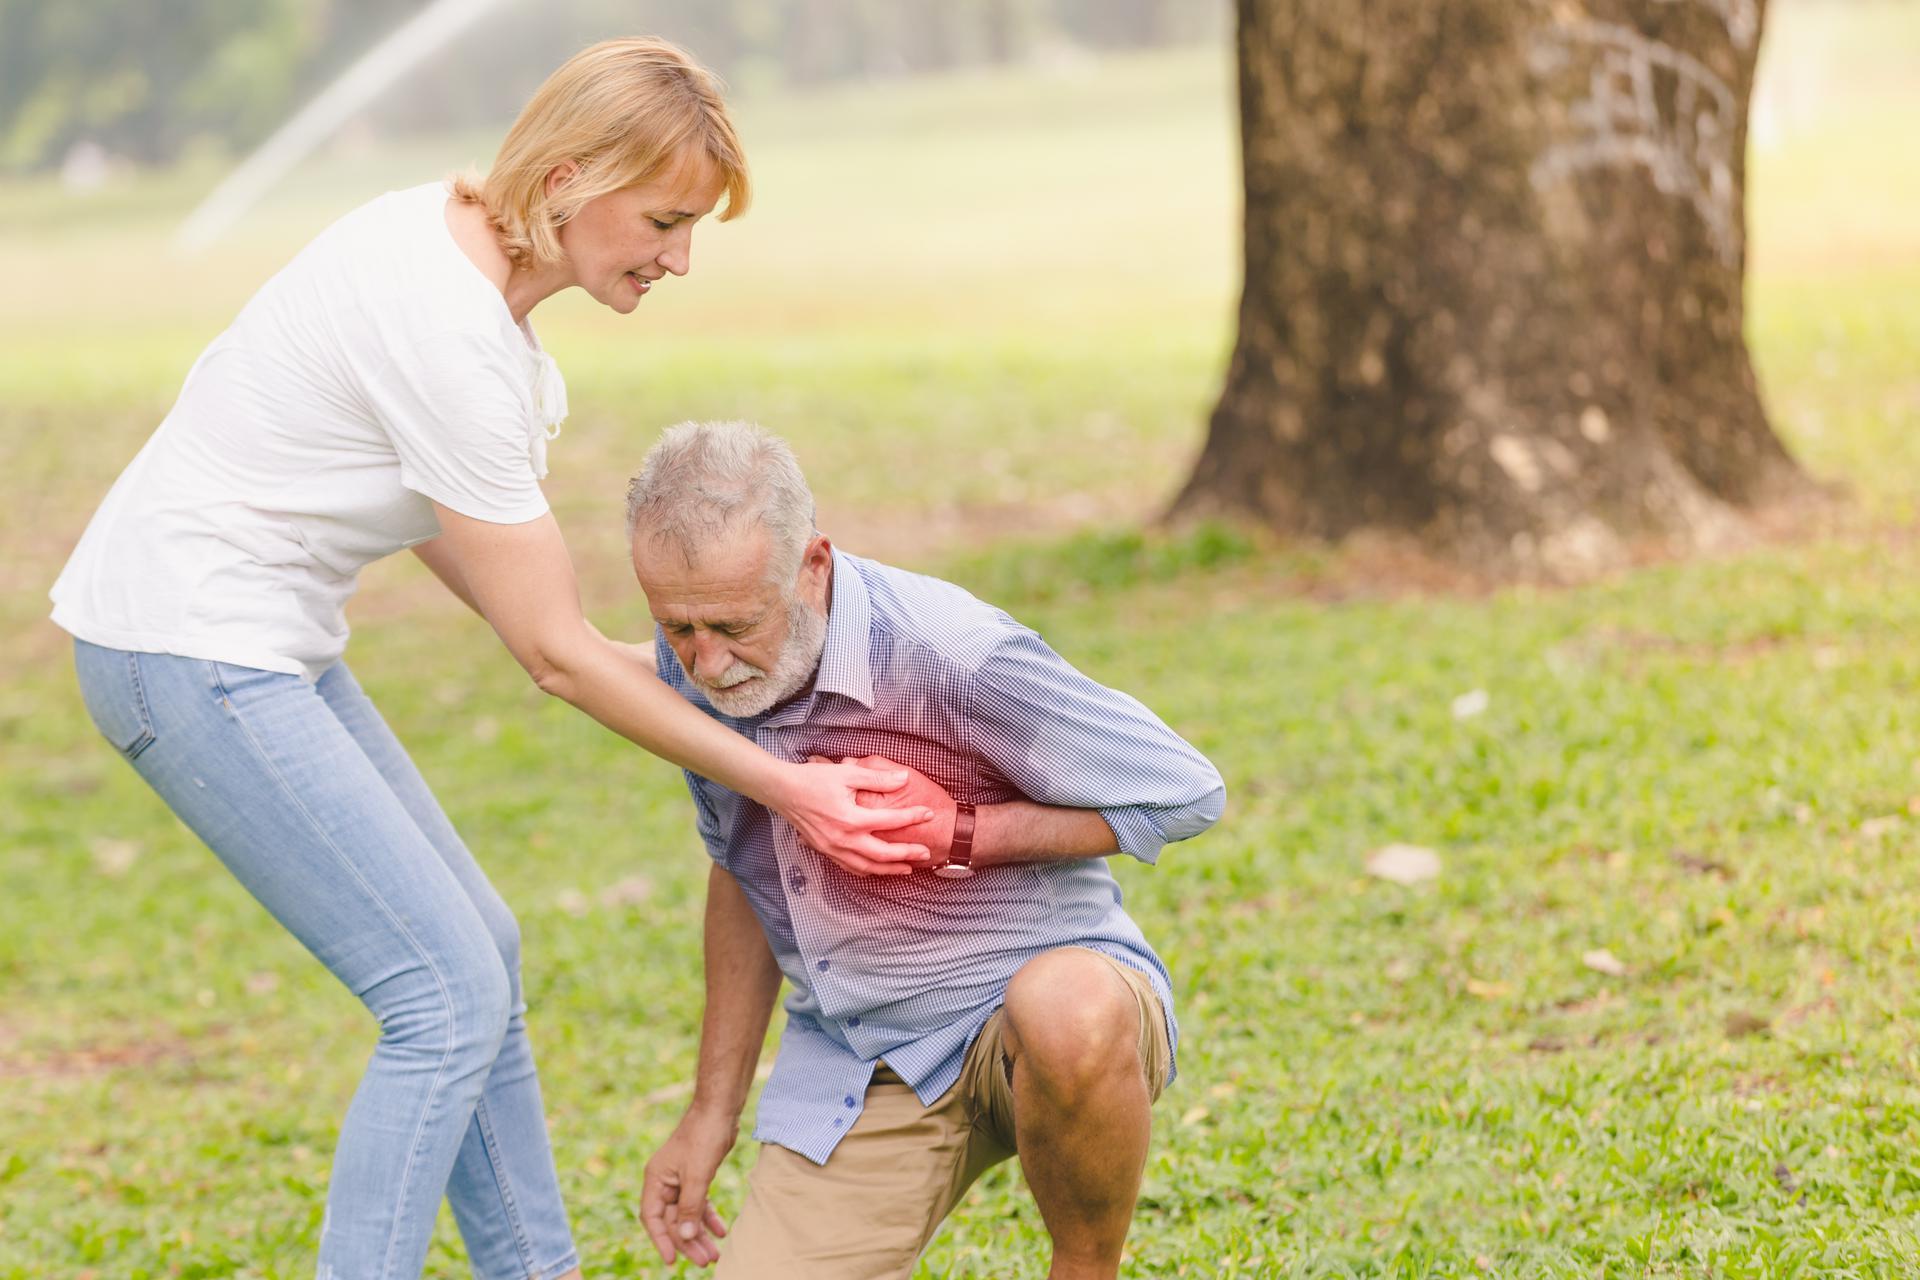 Znalezione obrazy dla zapytania ryzyko śmiertelności